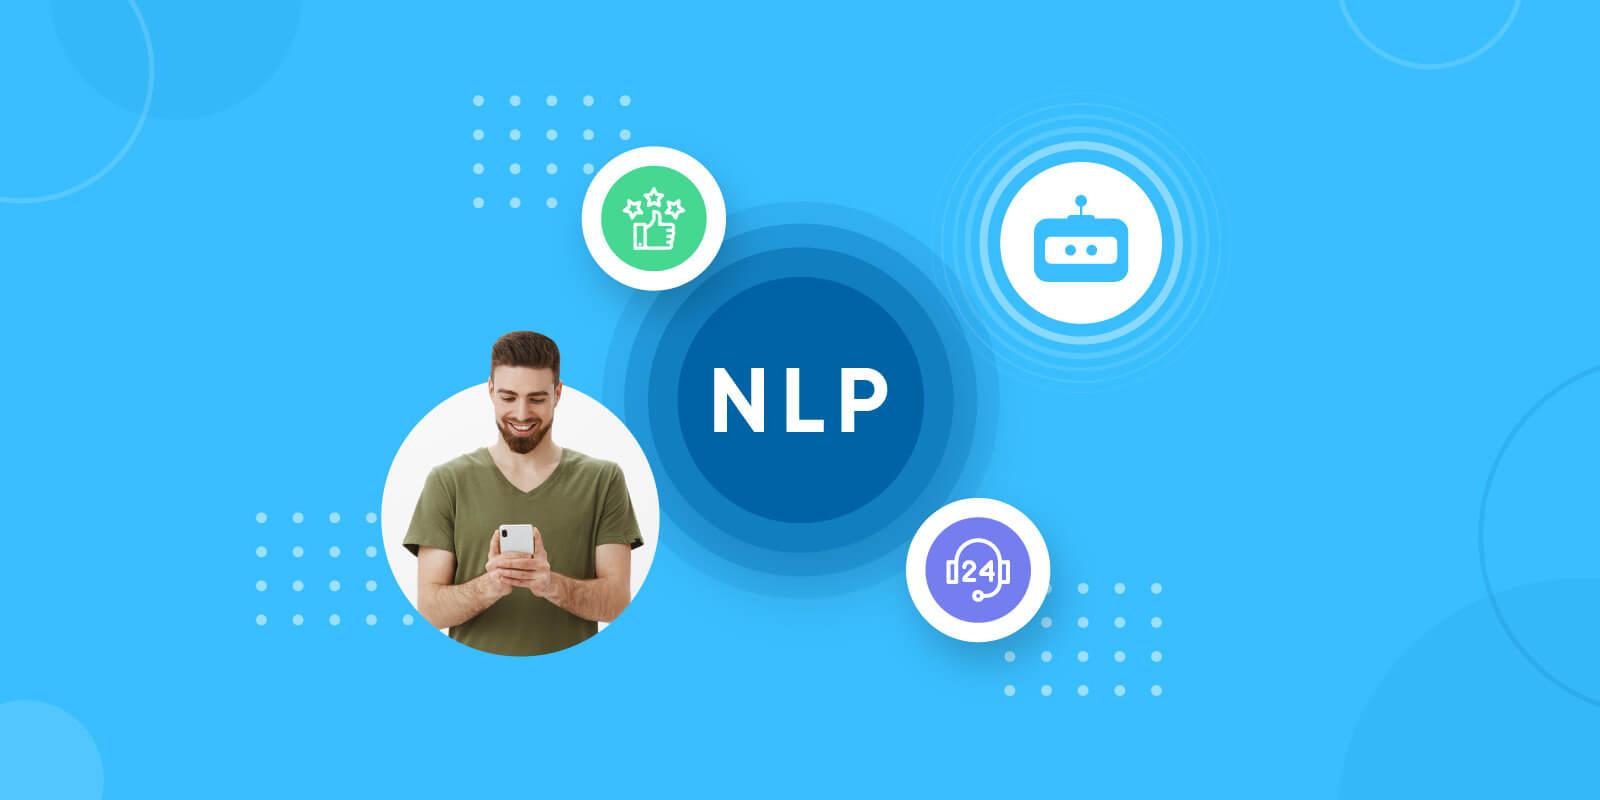 nlp chatbots